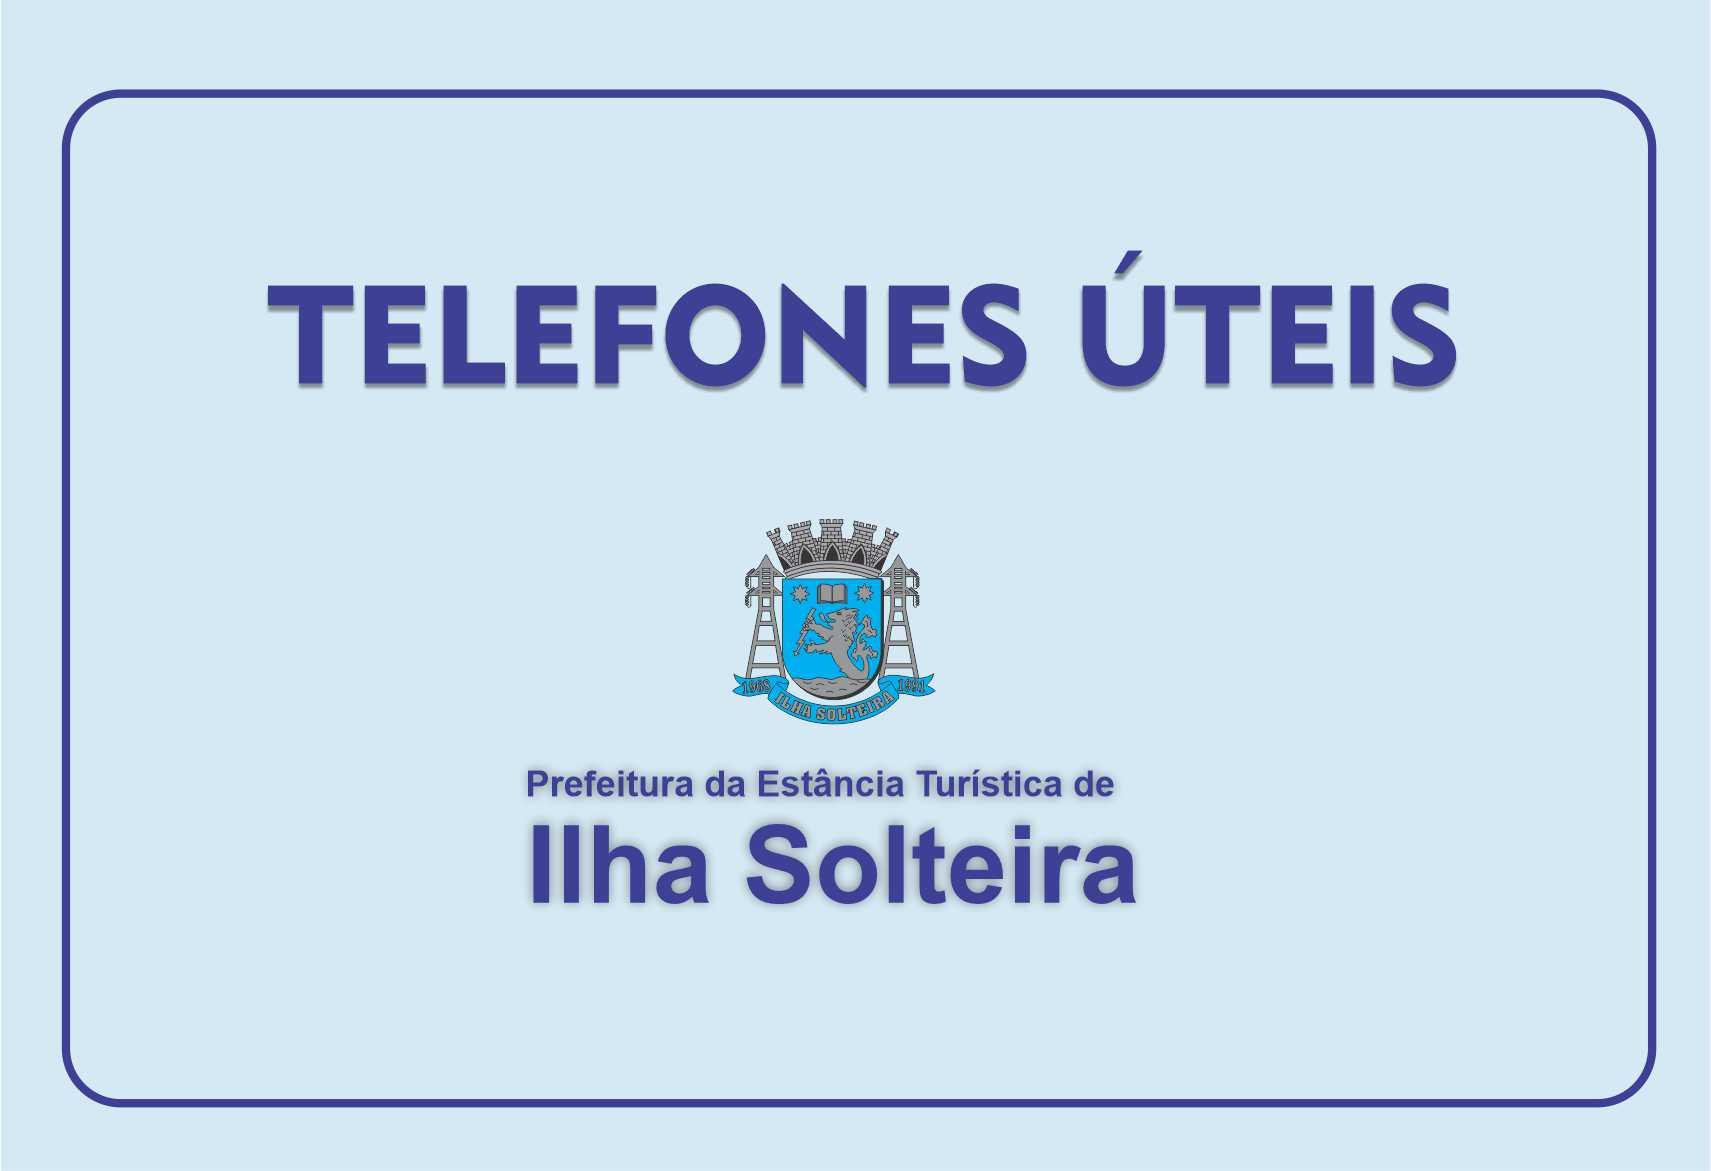 FONES UTEIS site